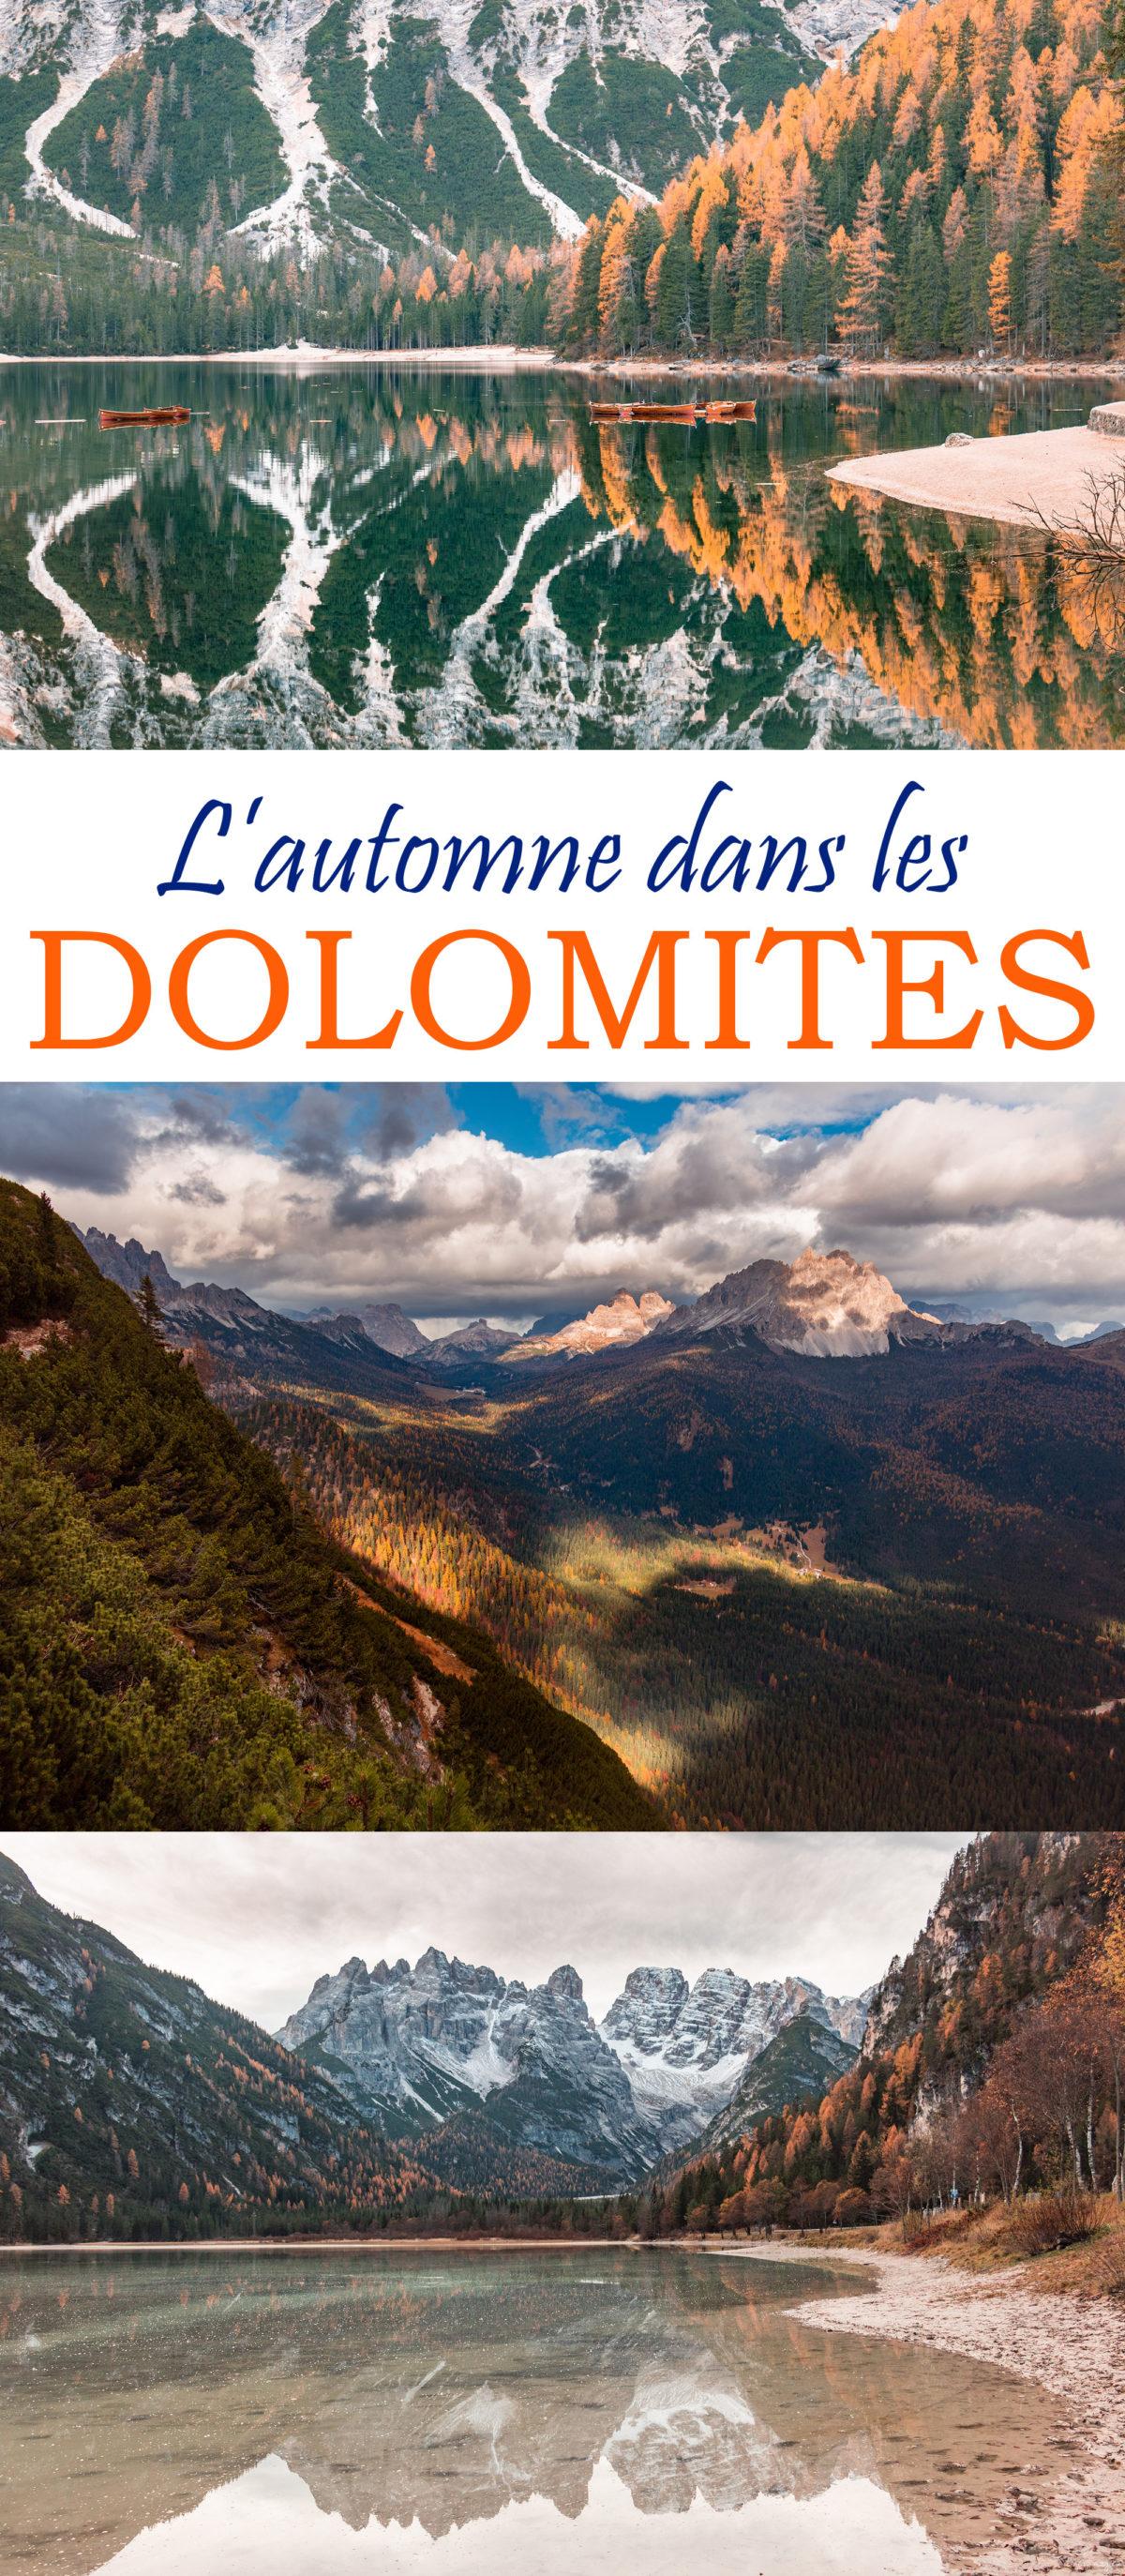 Les Dolomites à l'automne : un road trip flamboyant parmi les lacs et les sommets des Alpes. #dolomites